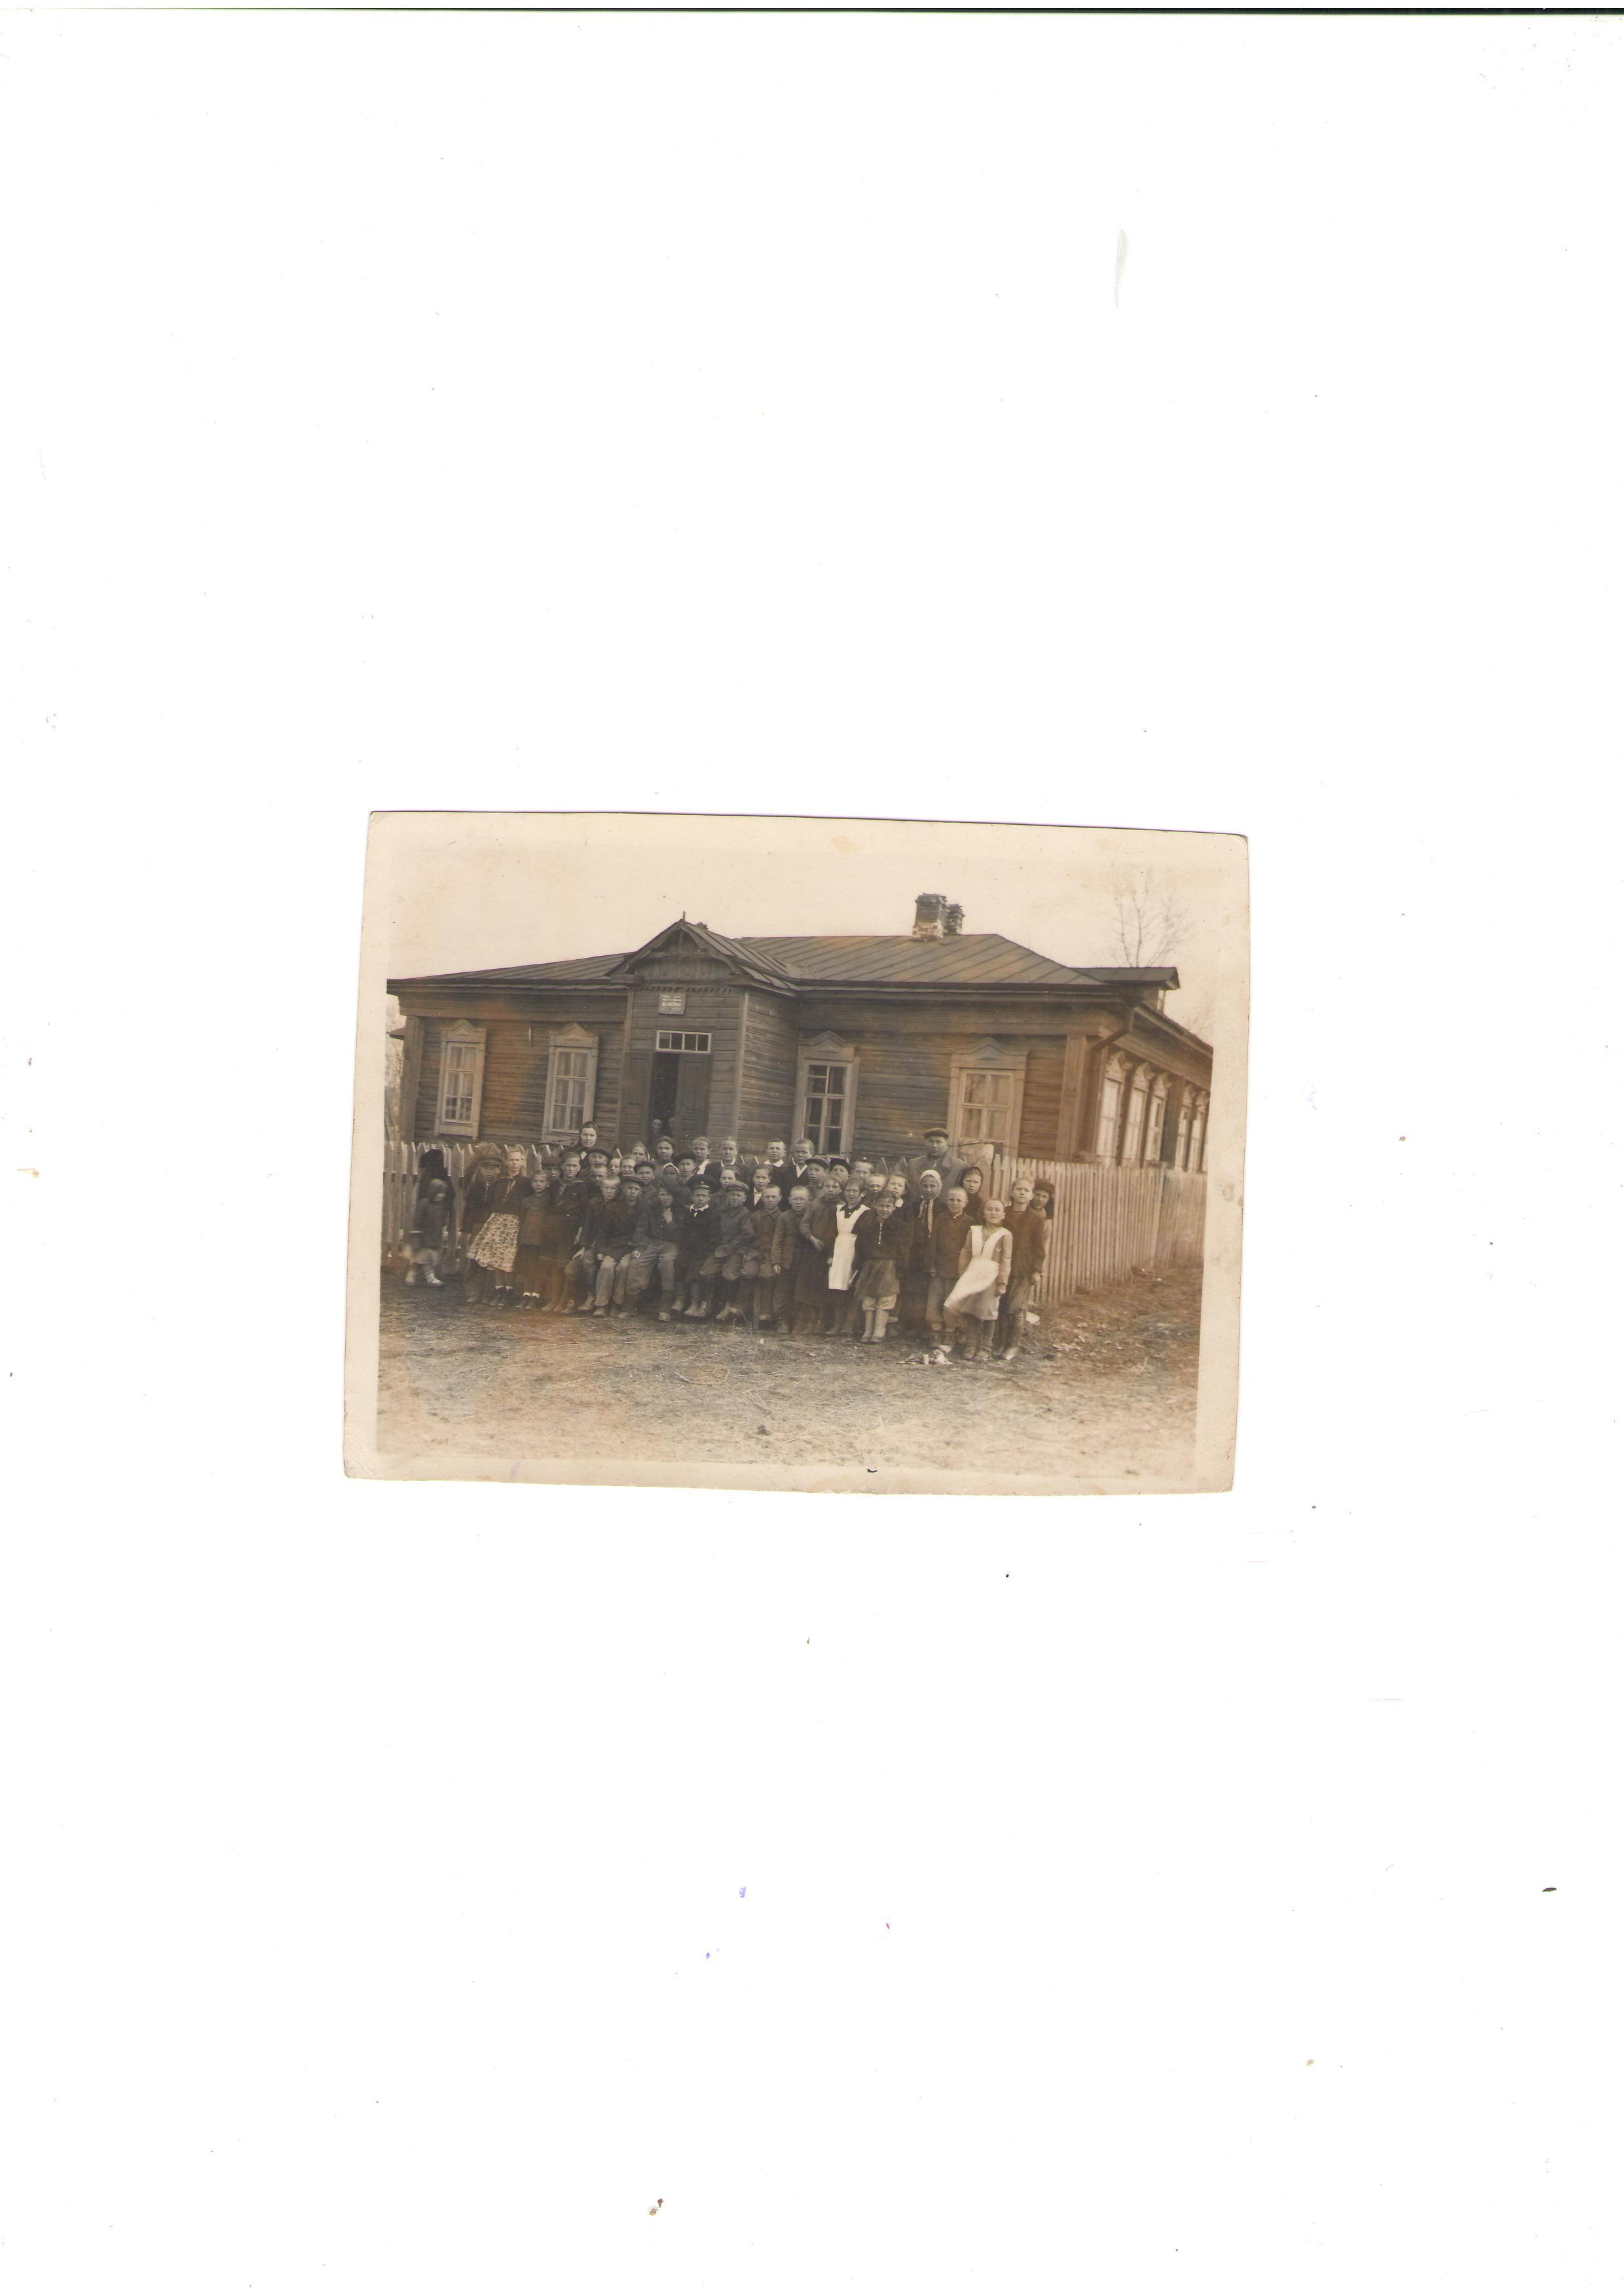 Празднование 100 — летия  постройки  и  открытия  СЕМЕНЧИНСКОЙ земской  школы